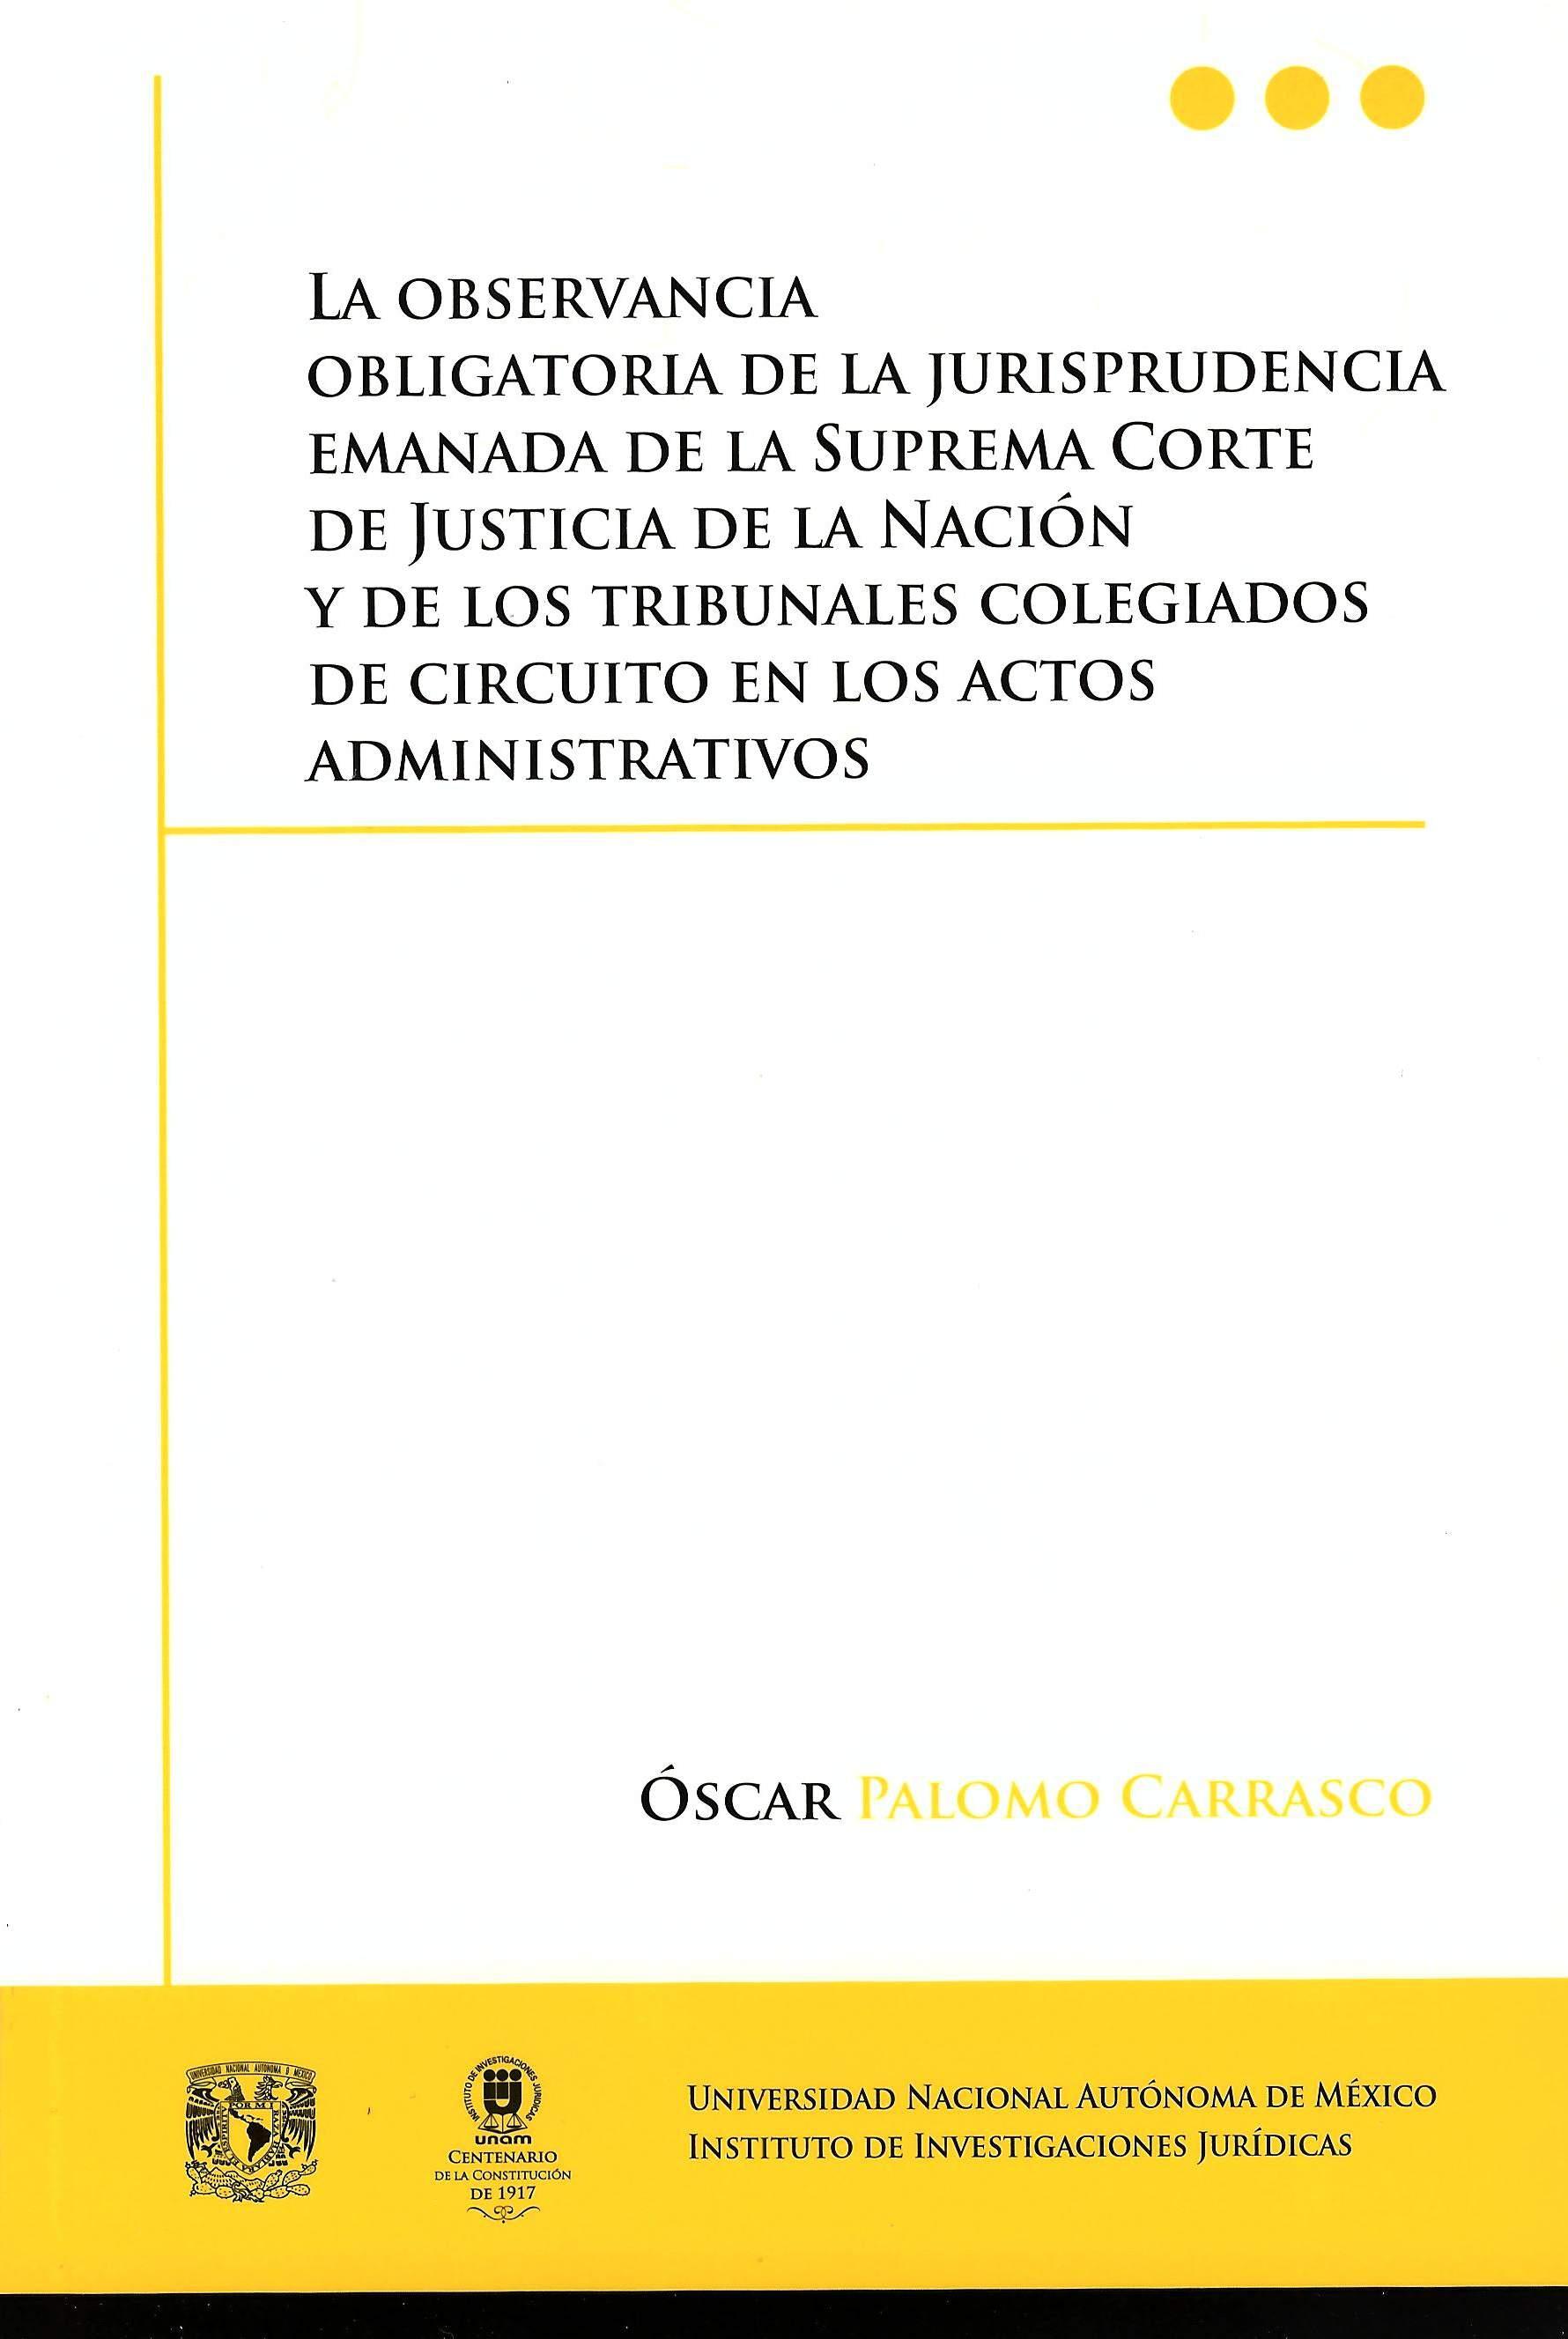 La observancia obligatoria de la jurisprudencia emanada de la Suprema Corte de Justicia de la Nación